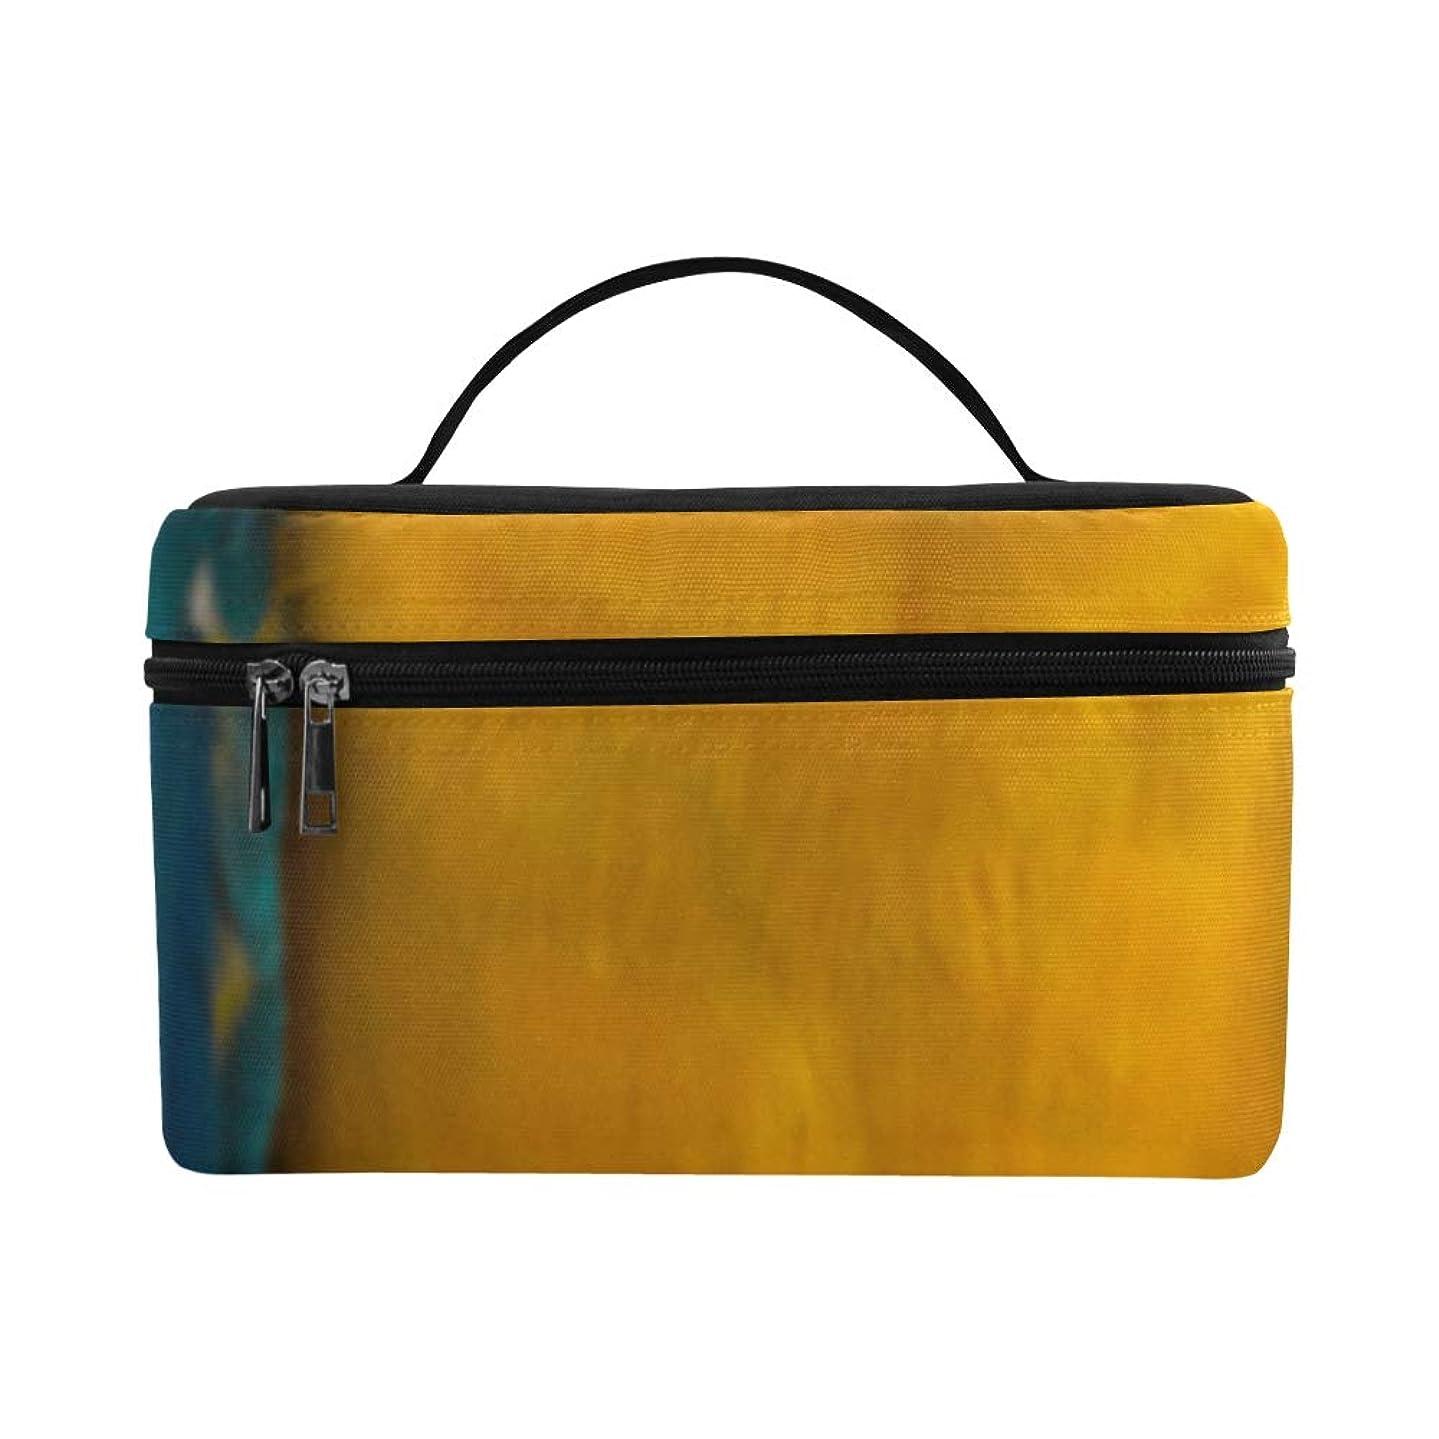 謎めいた形式後継XHQZJ メイクボックス 青い ブルー オウム コスメ収納 化粧品収納ケース 大容量 収納ボックス 化粧品入れ 化粧バッグ 旅行用 メイクブラシバッグ 化粧箱 持ち運び便利 プロ用